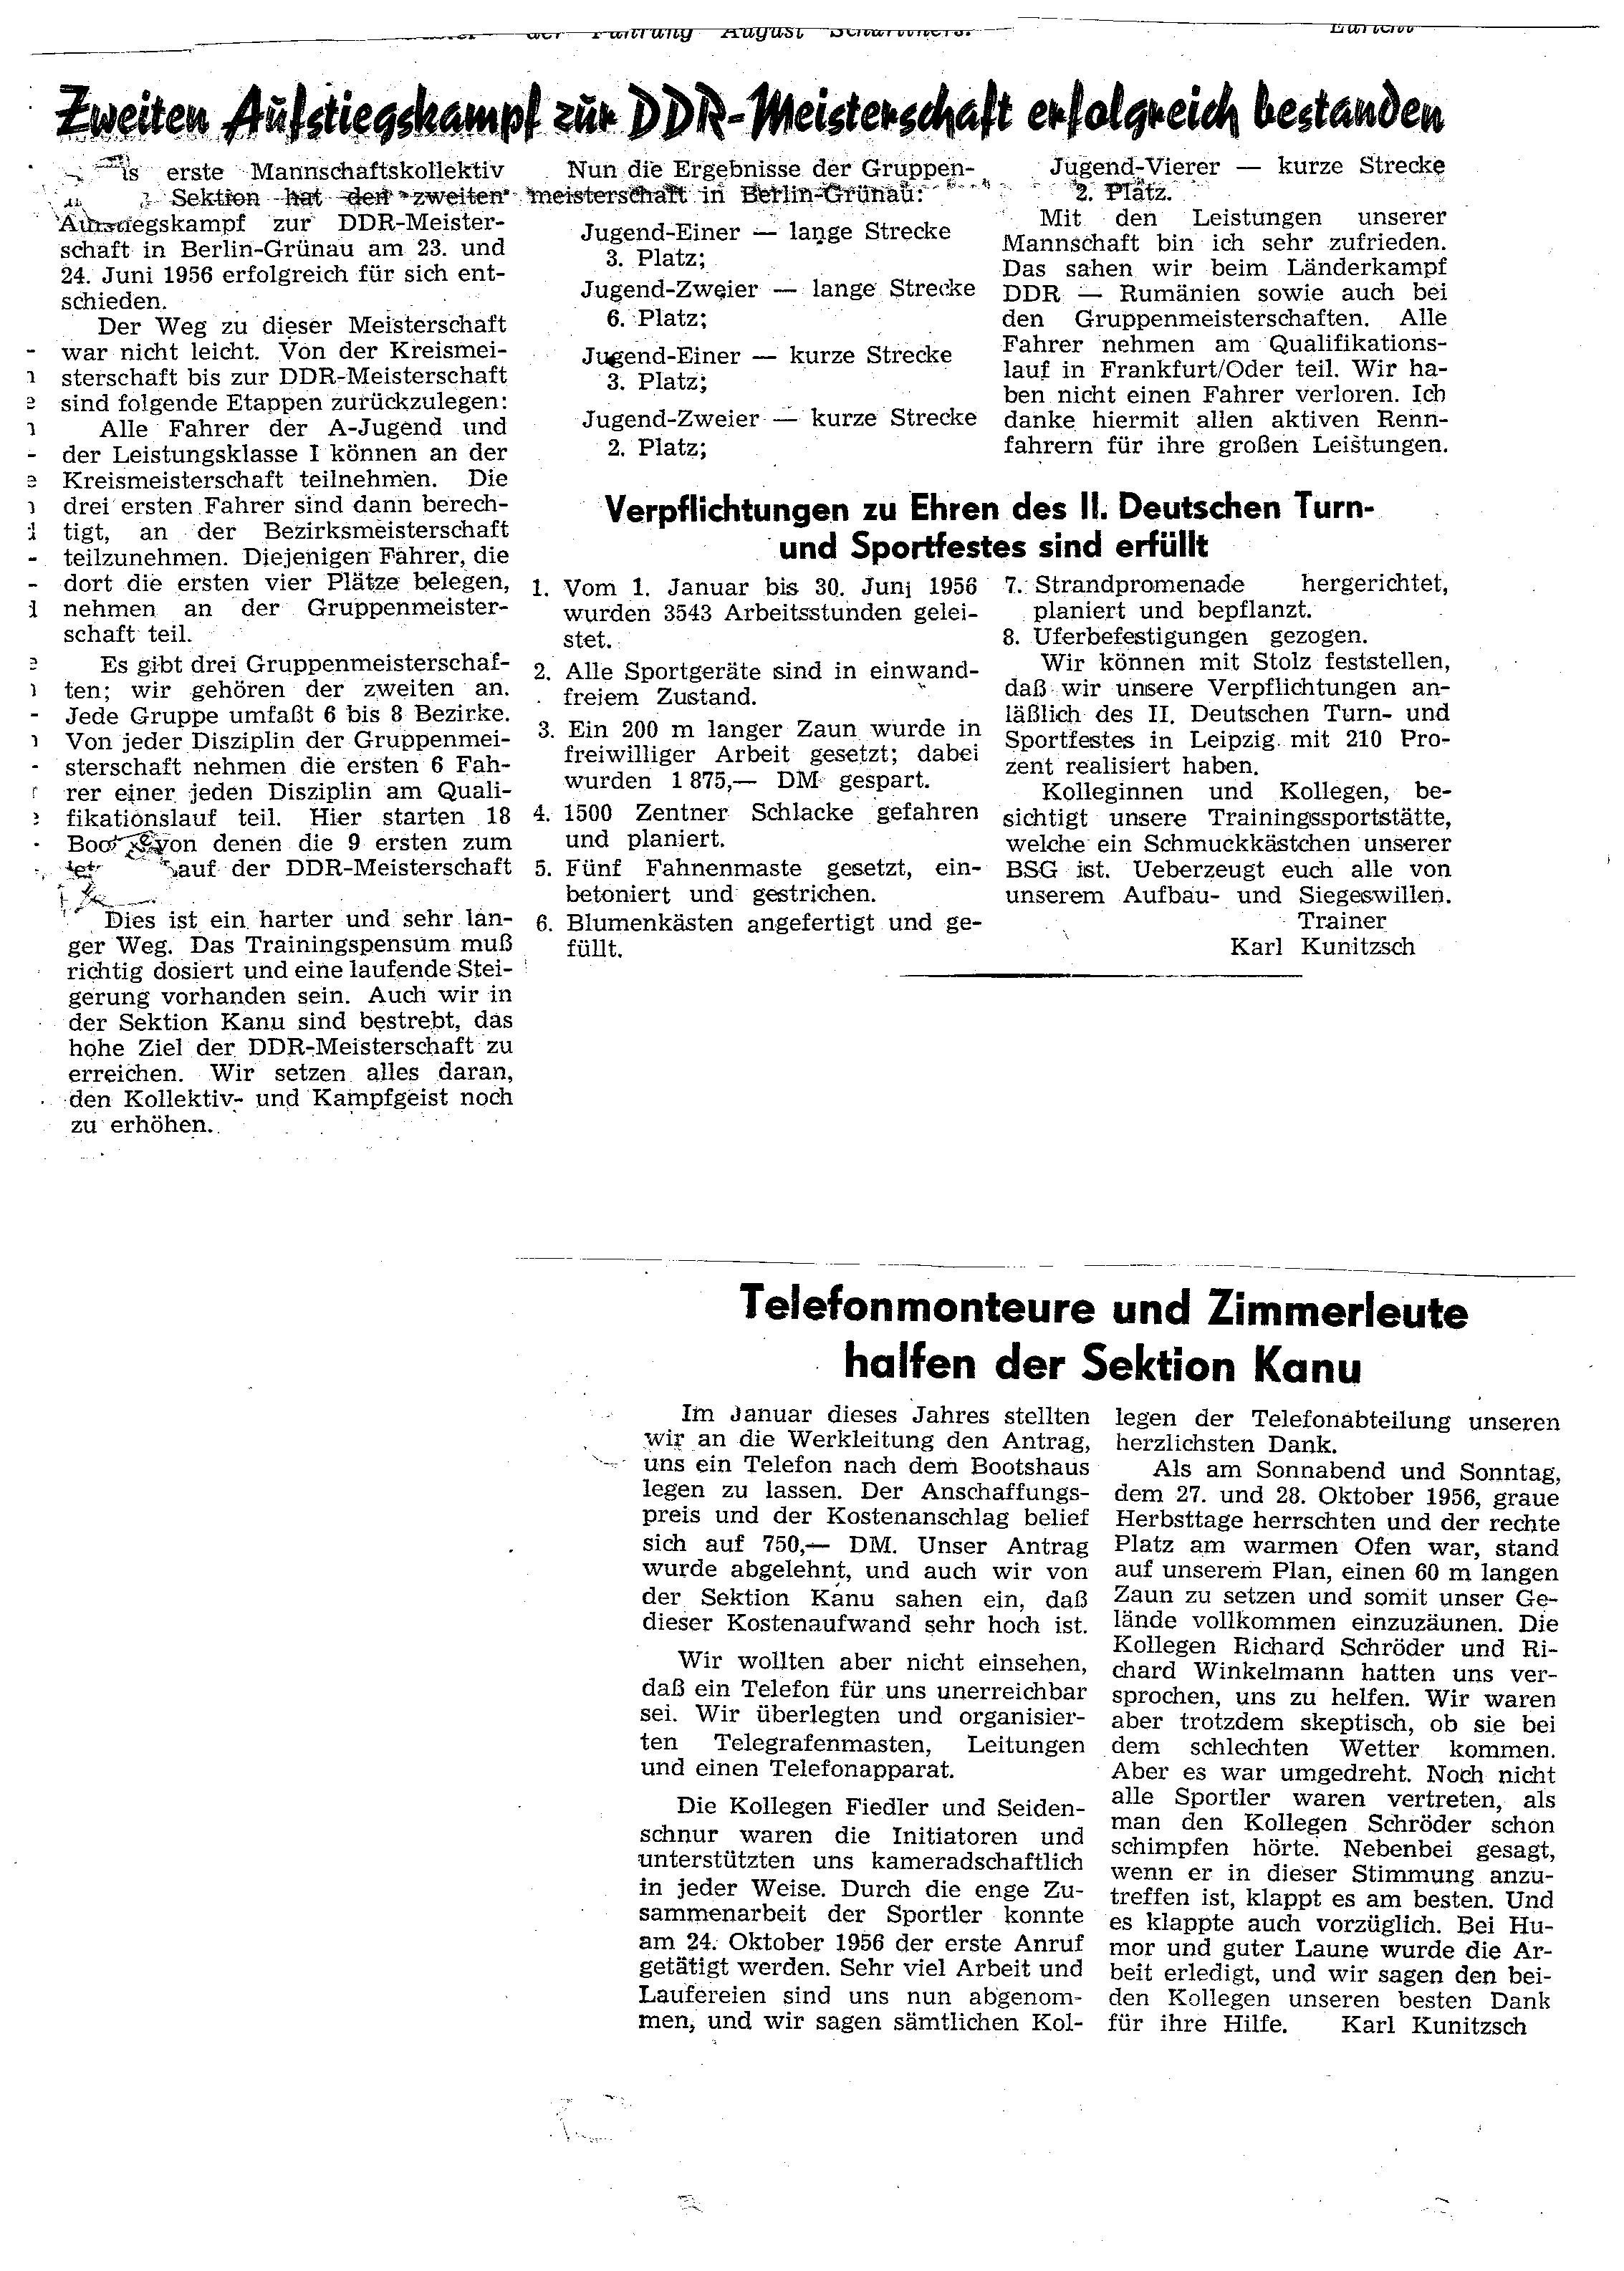 1956-10-28-zweiten-aufstiegskampf-zur-ddrmeisterschaft-erfolgreich-bestanden